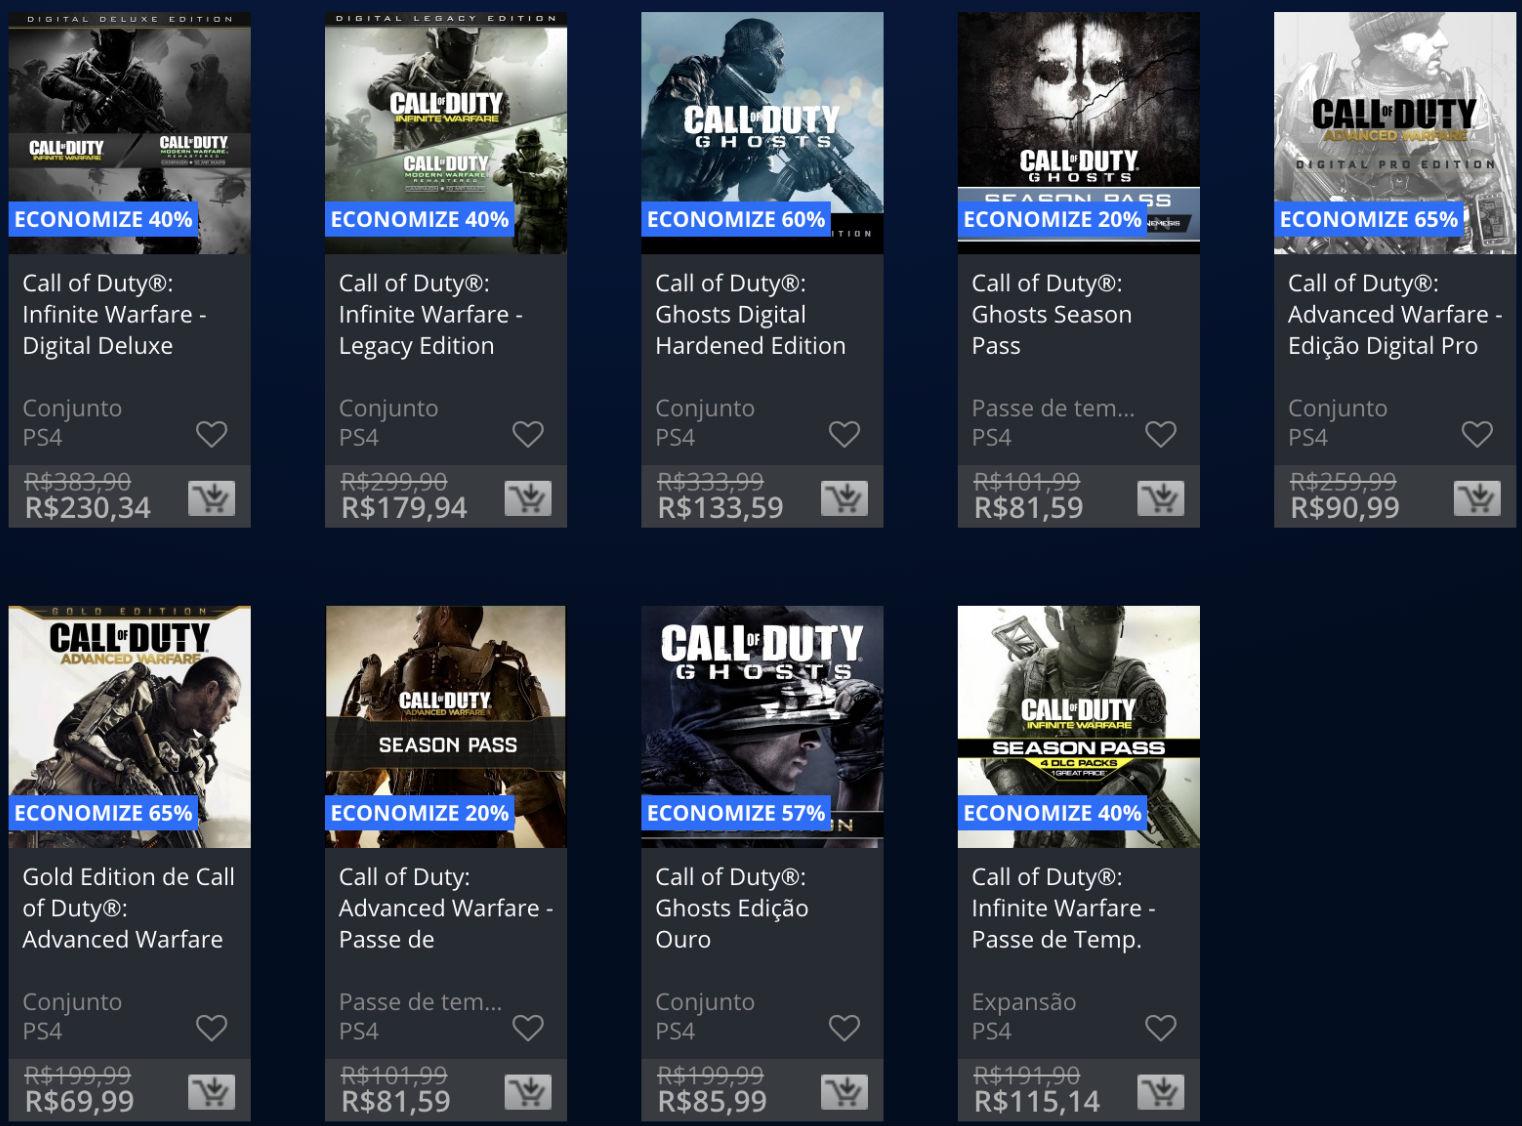 Promoção da semana na PS Store com jogos Call of Duty 5